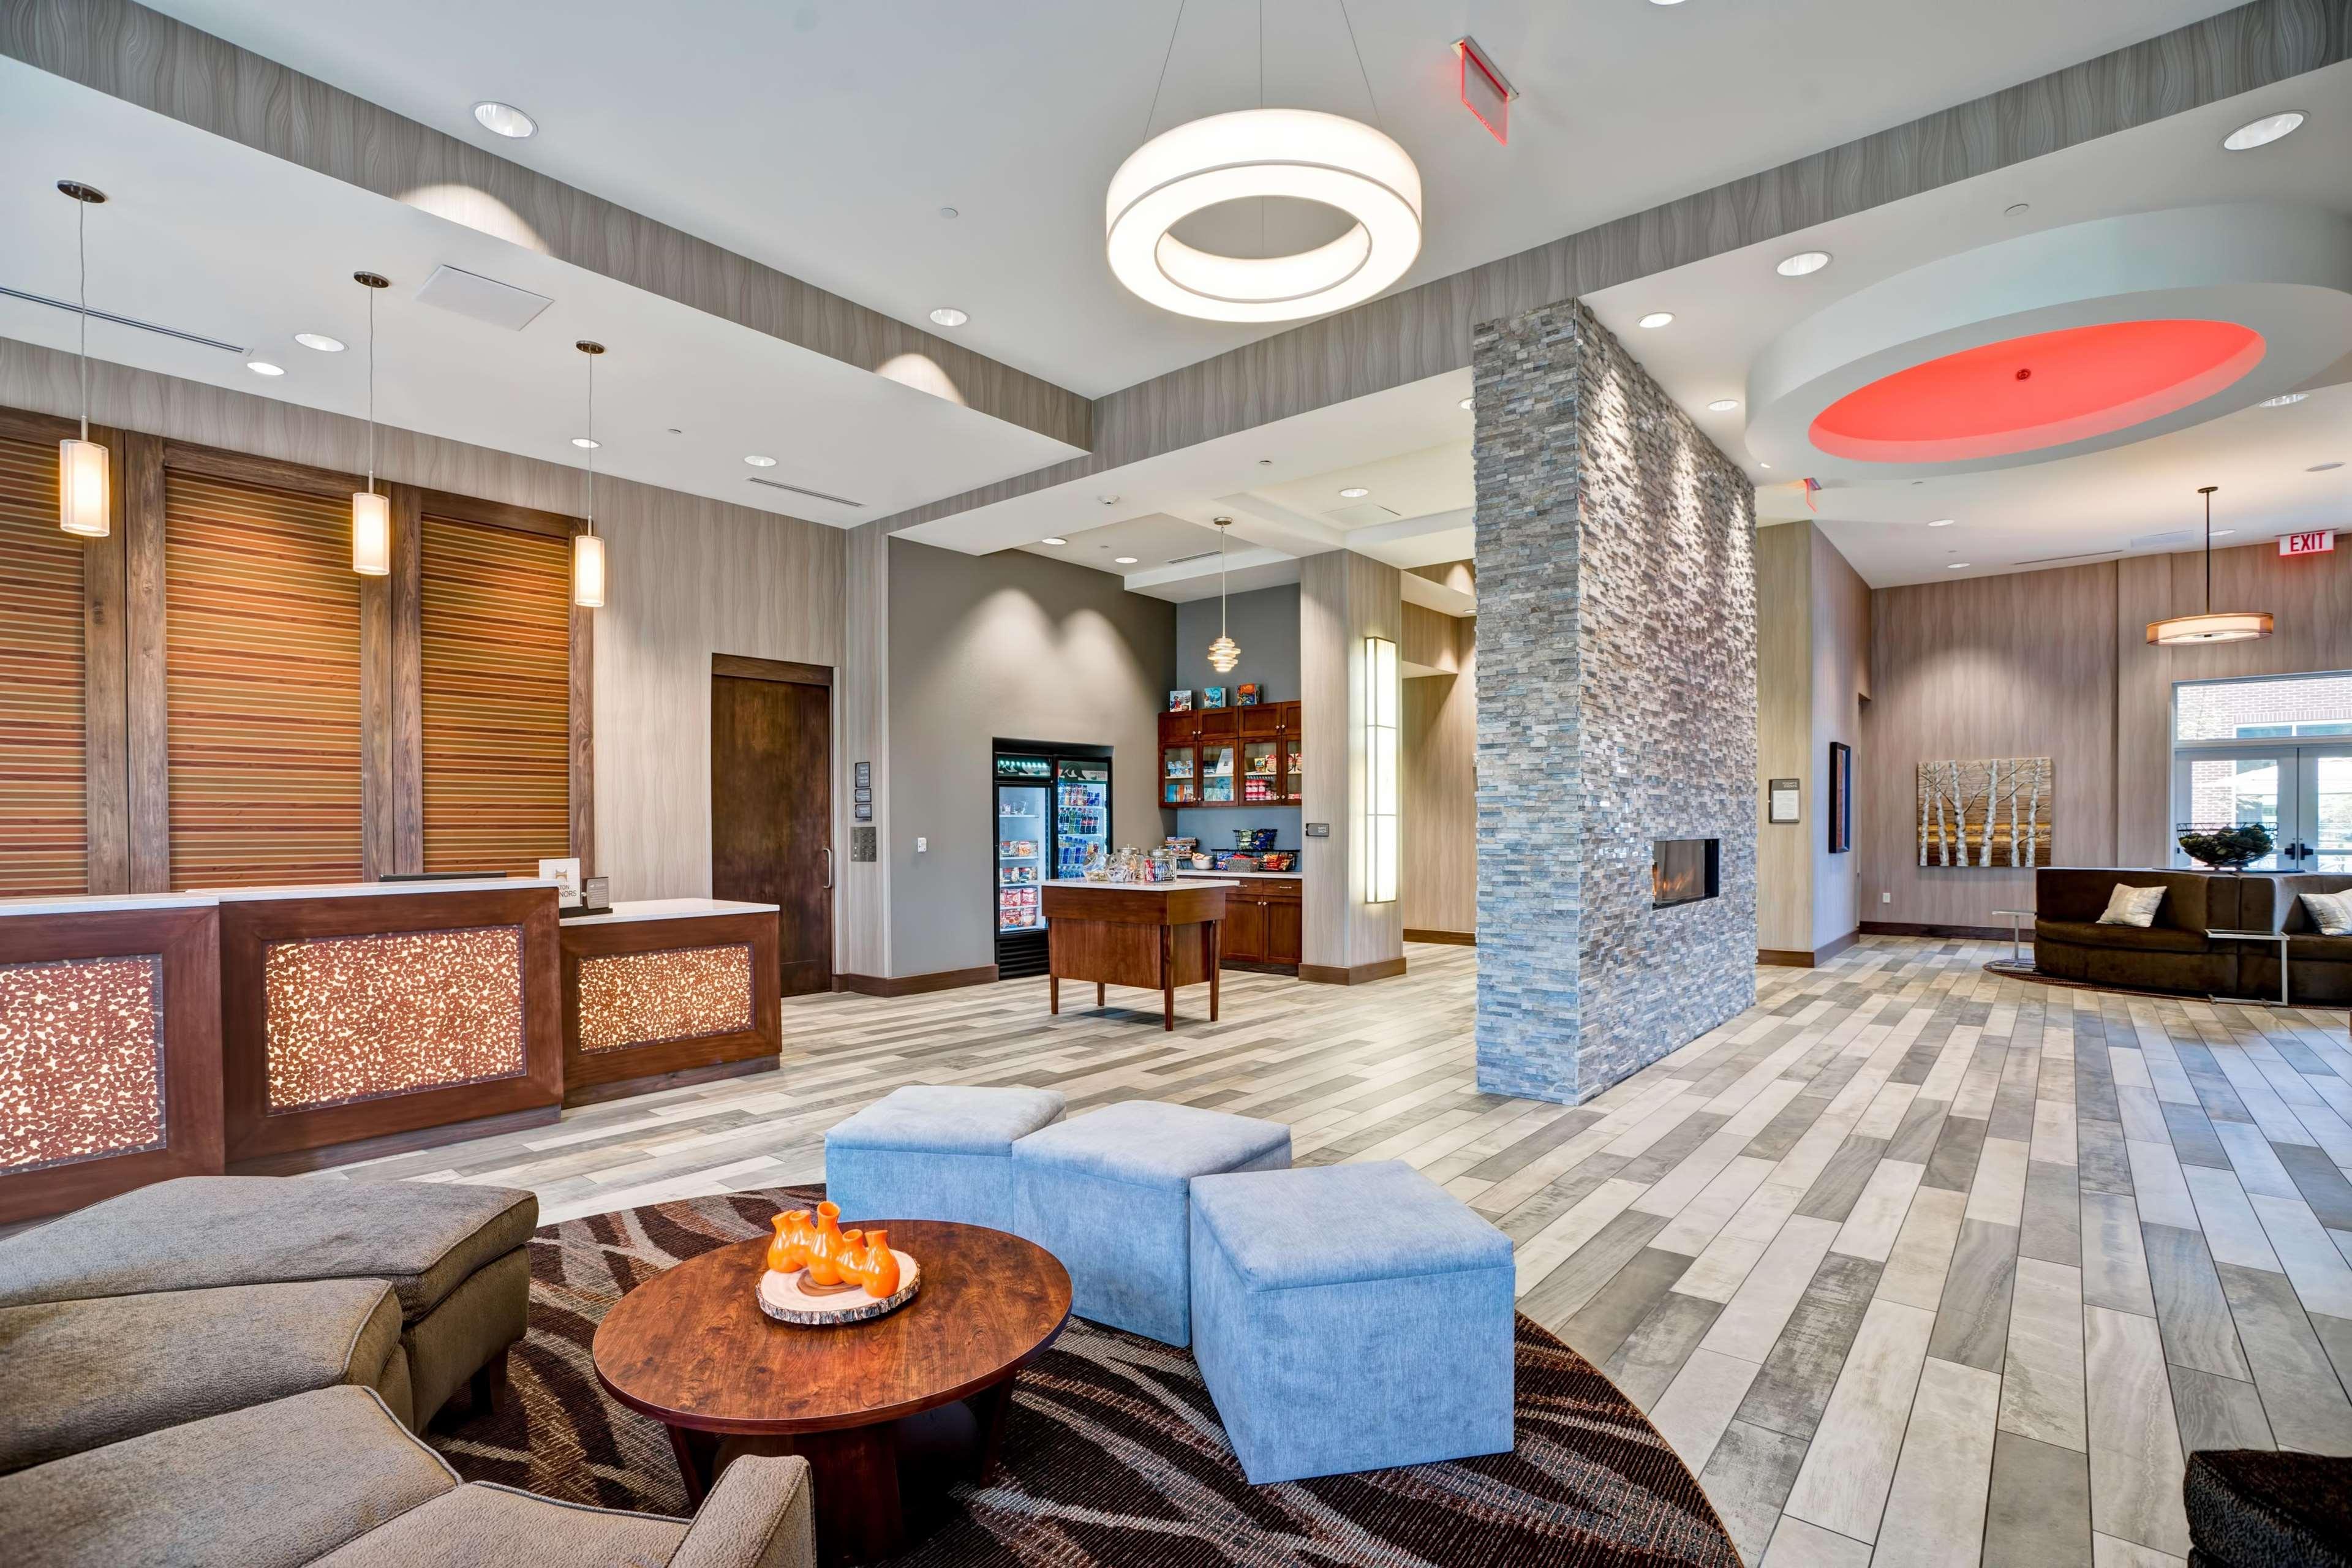 Homewood Suites by Hilton Nashville Franklin Cool Springs image 44